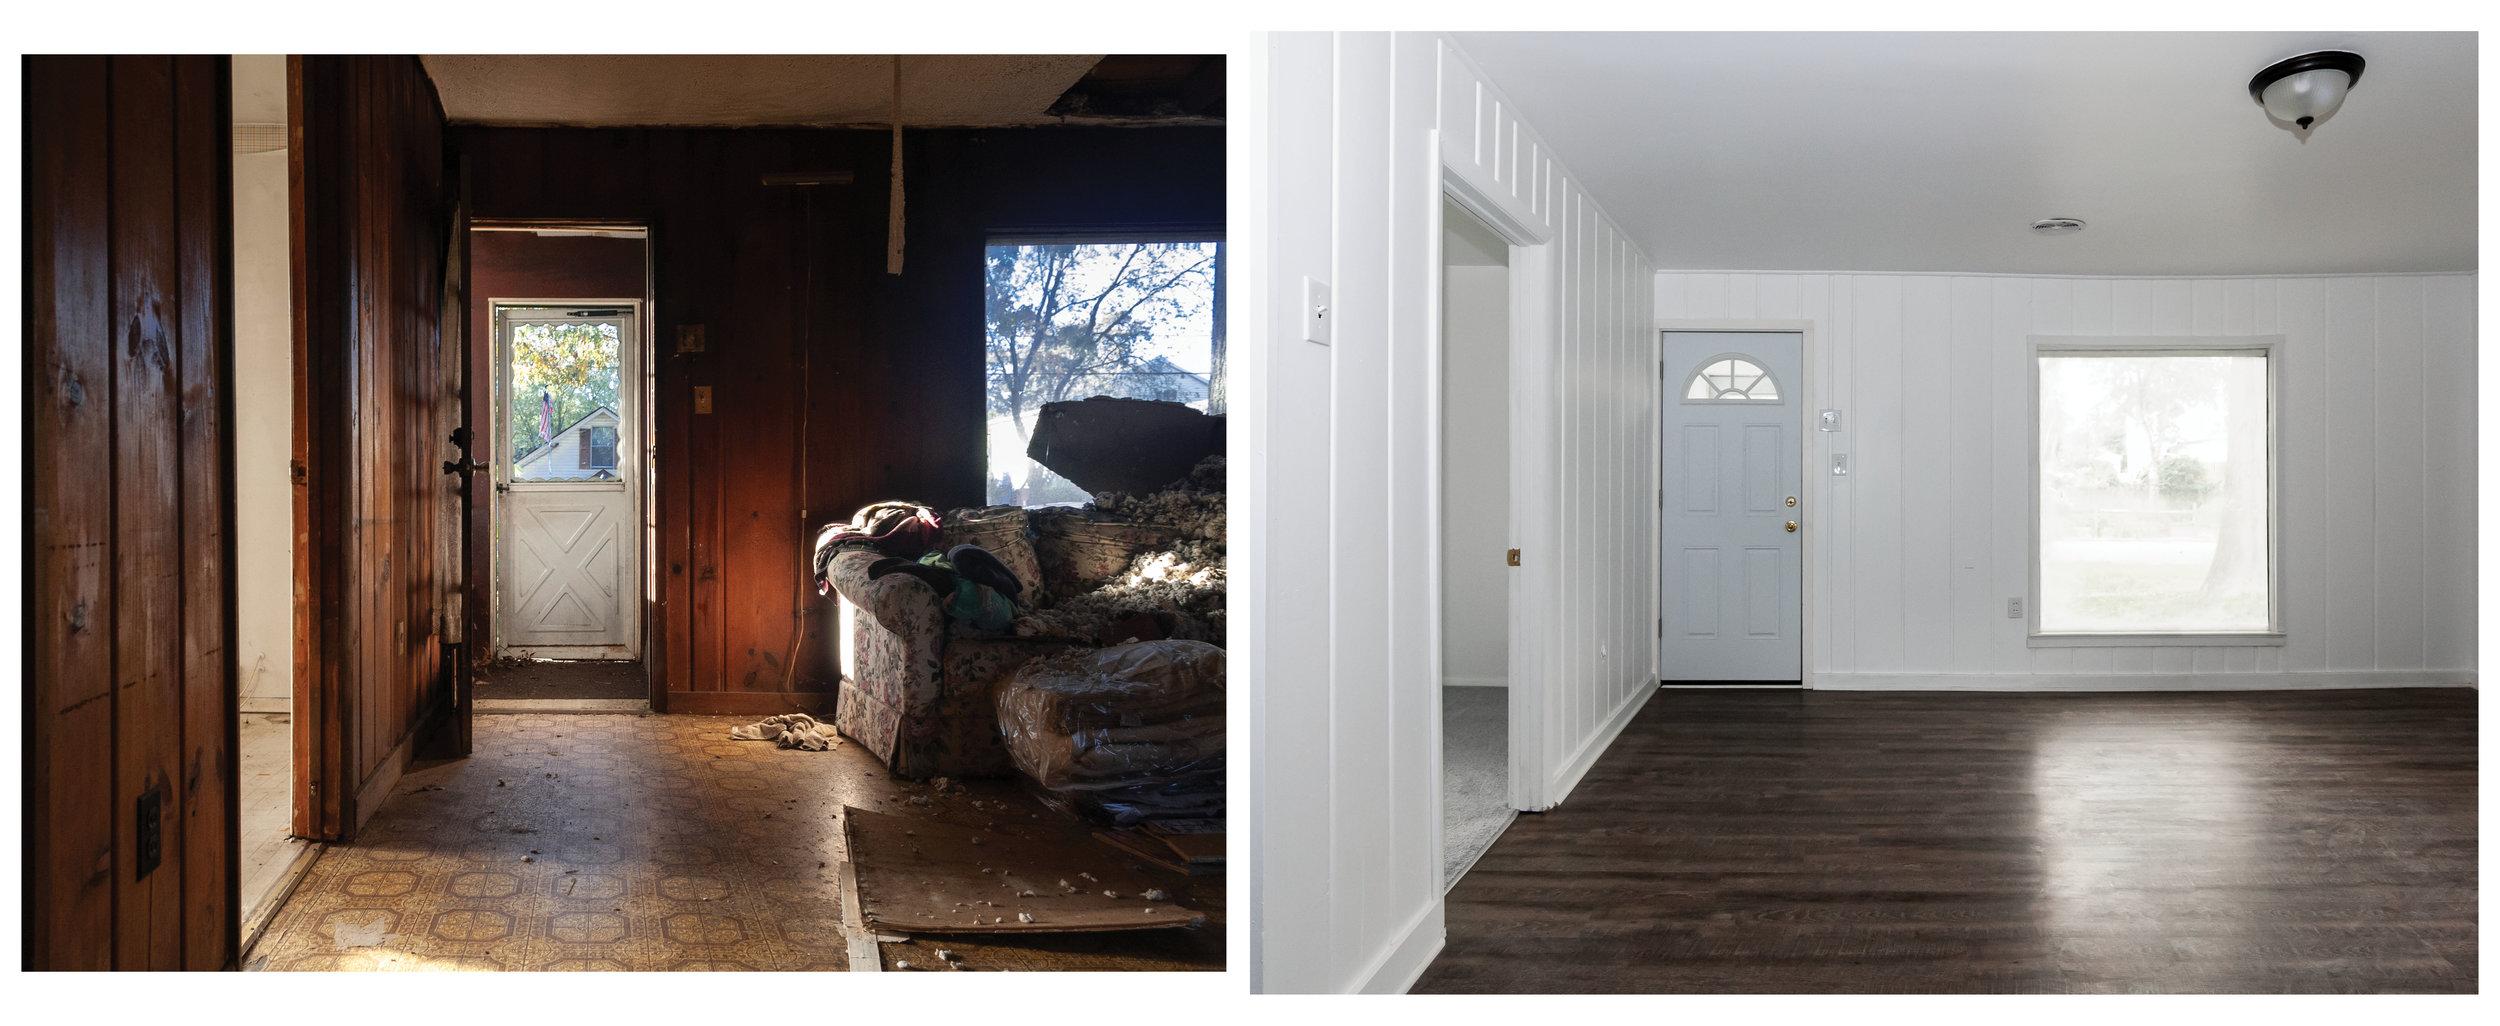 Fairmount door comparison 2.jpg